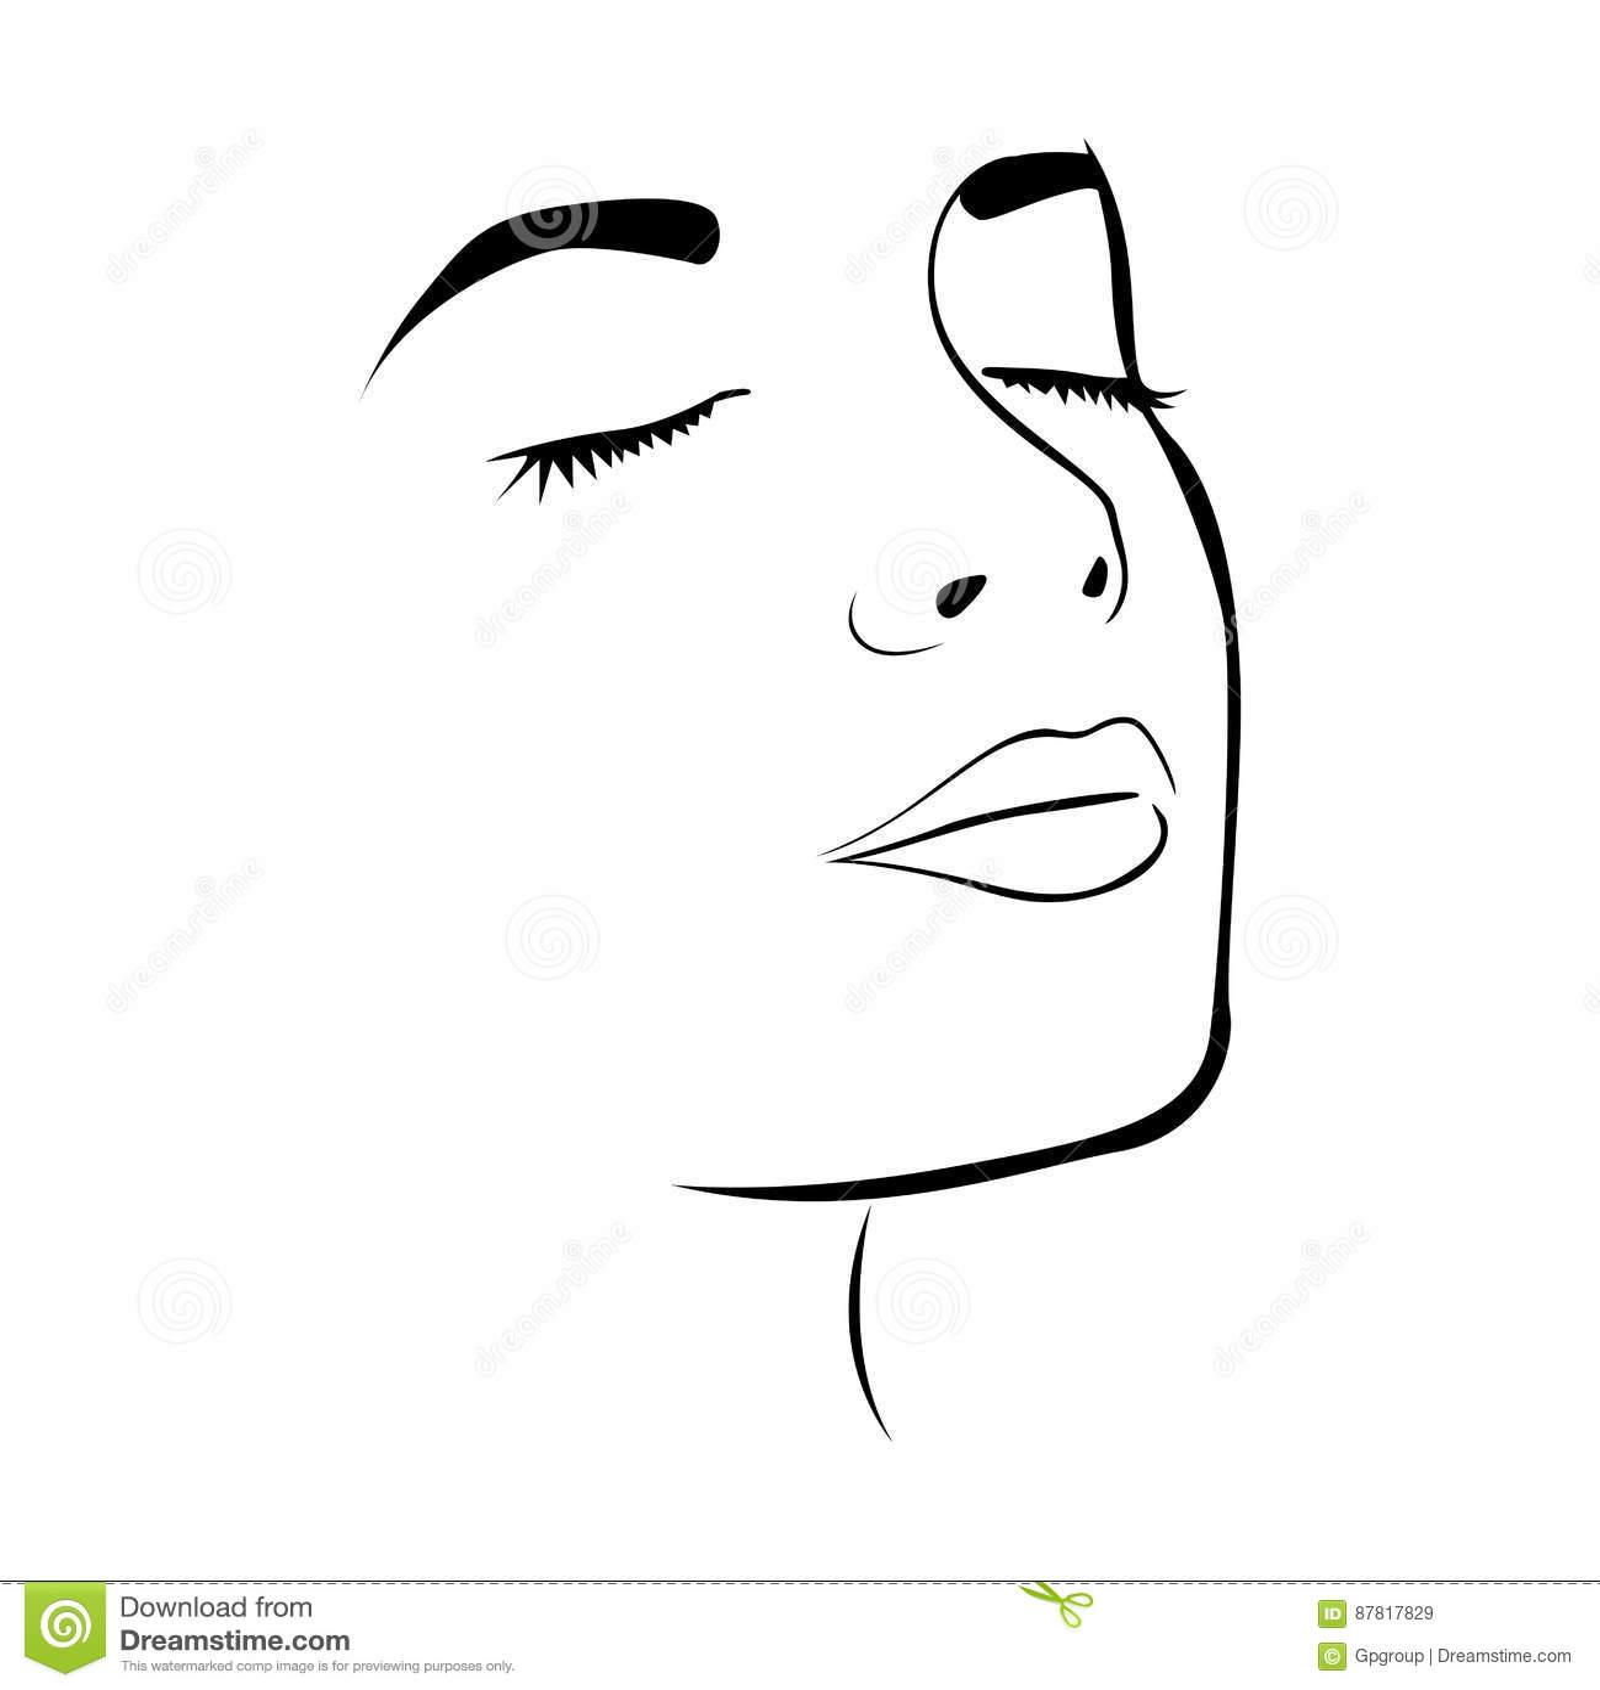 Geschlossene Augen Zeichnen Augen Zeichnen Lernen Step 2020 01 20